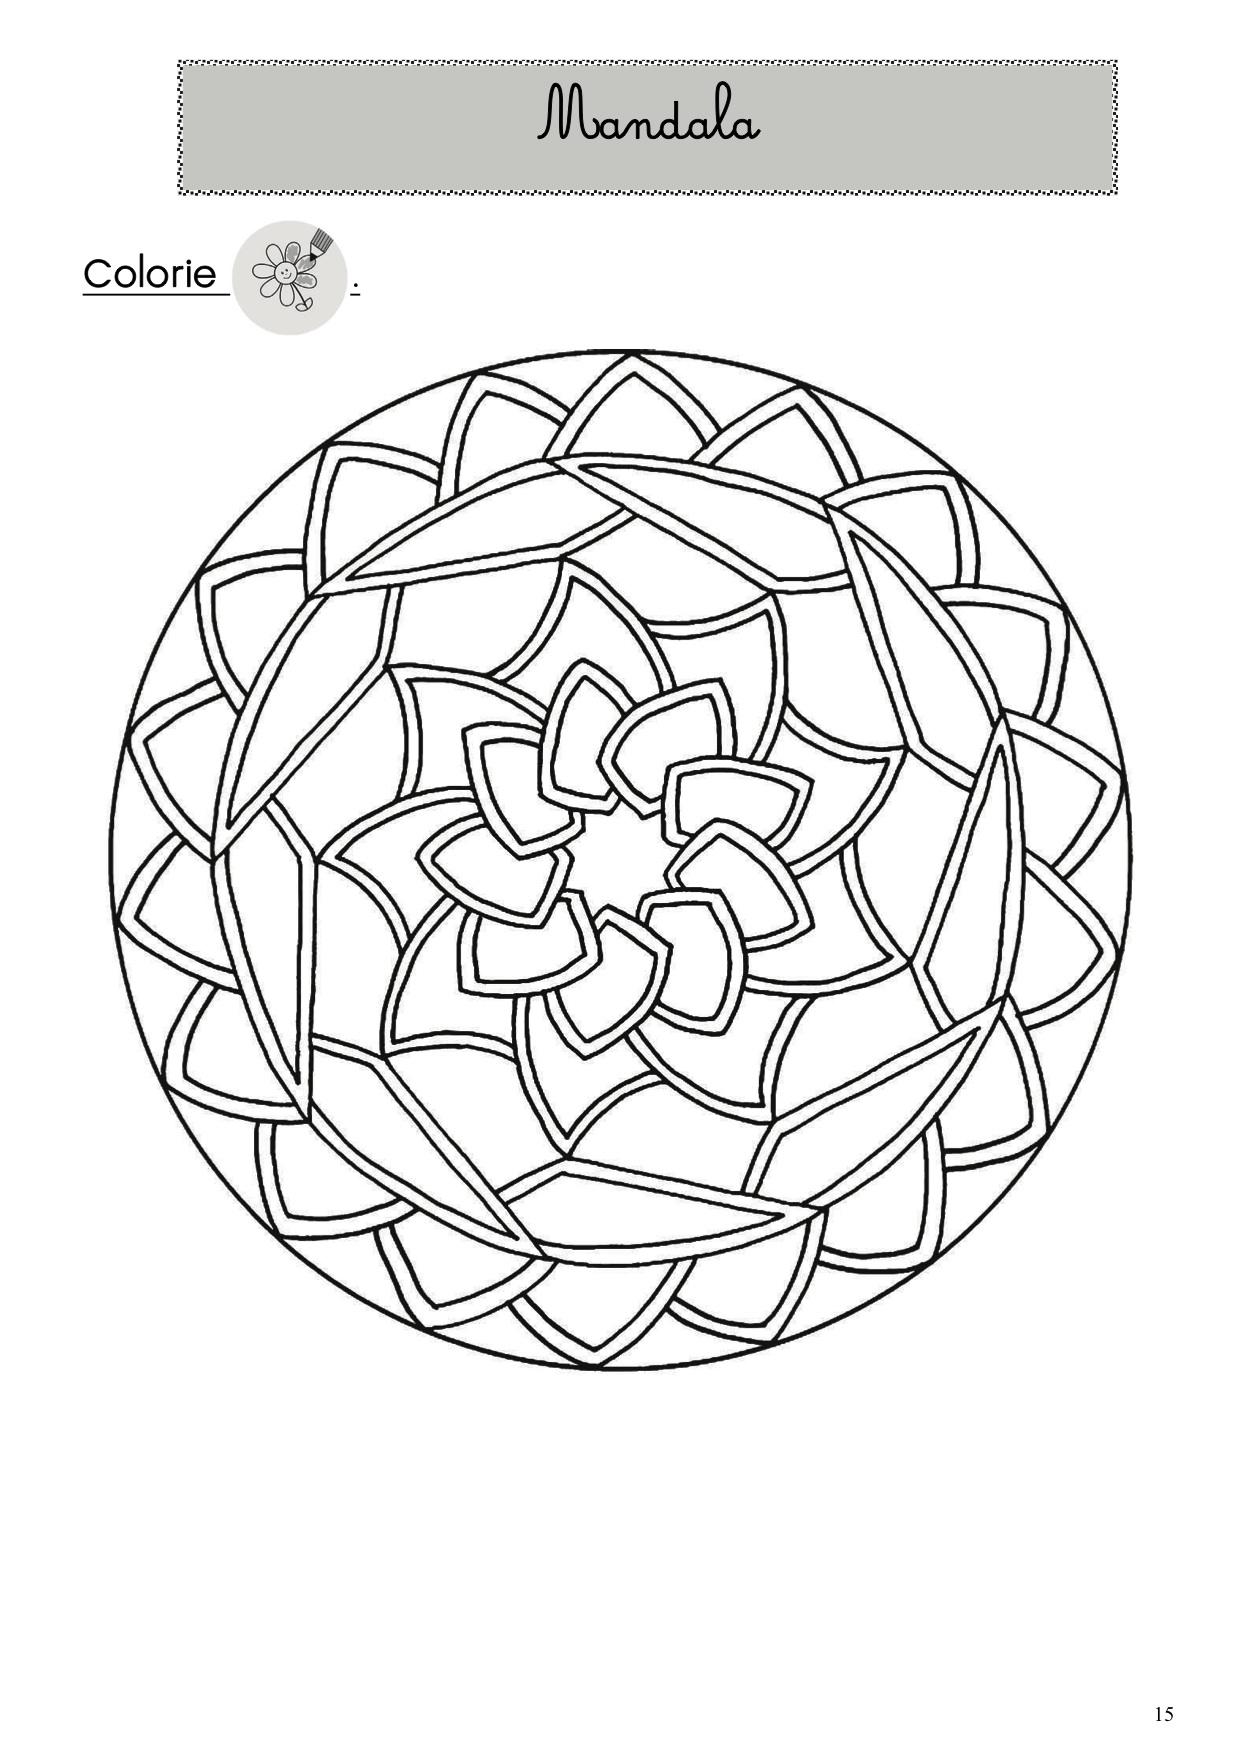 Coloriage Mandala Cp Imprimer.Cahier D Autonomie La Classe De Luccia